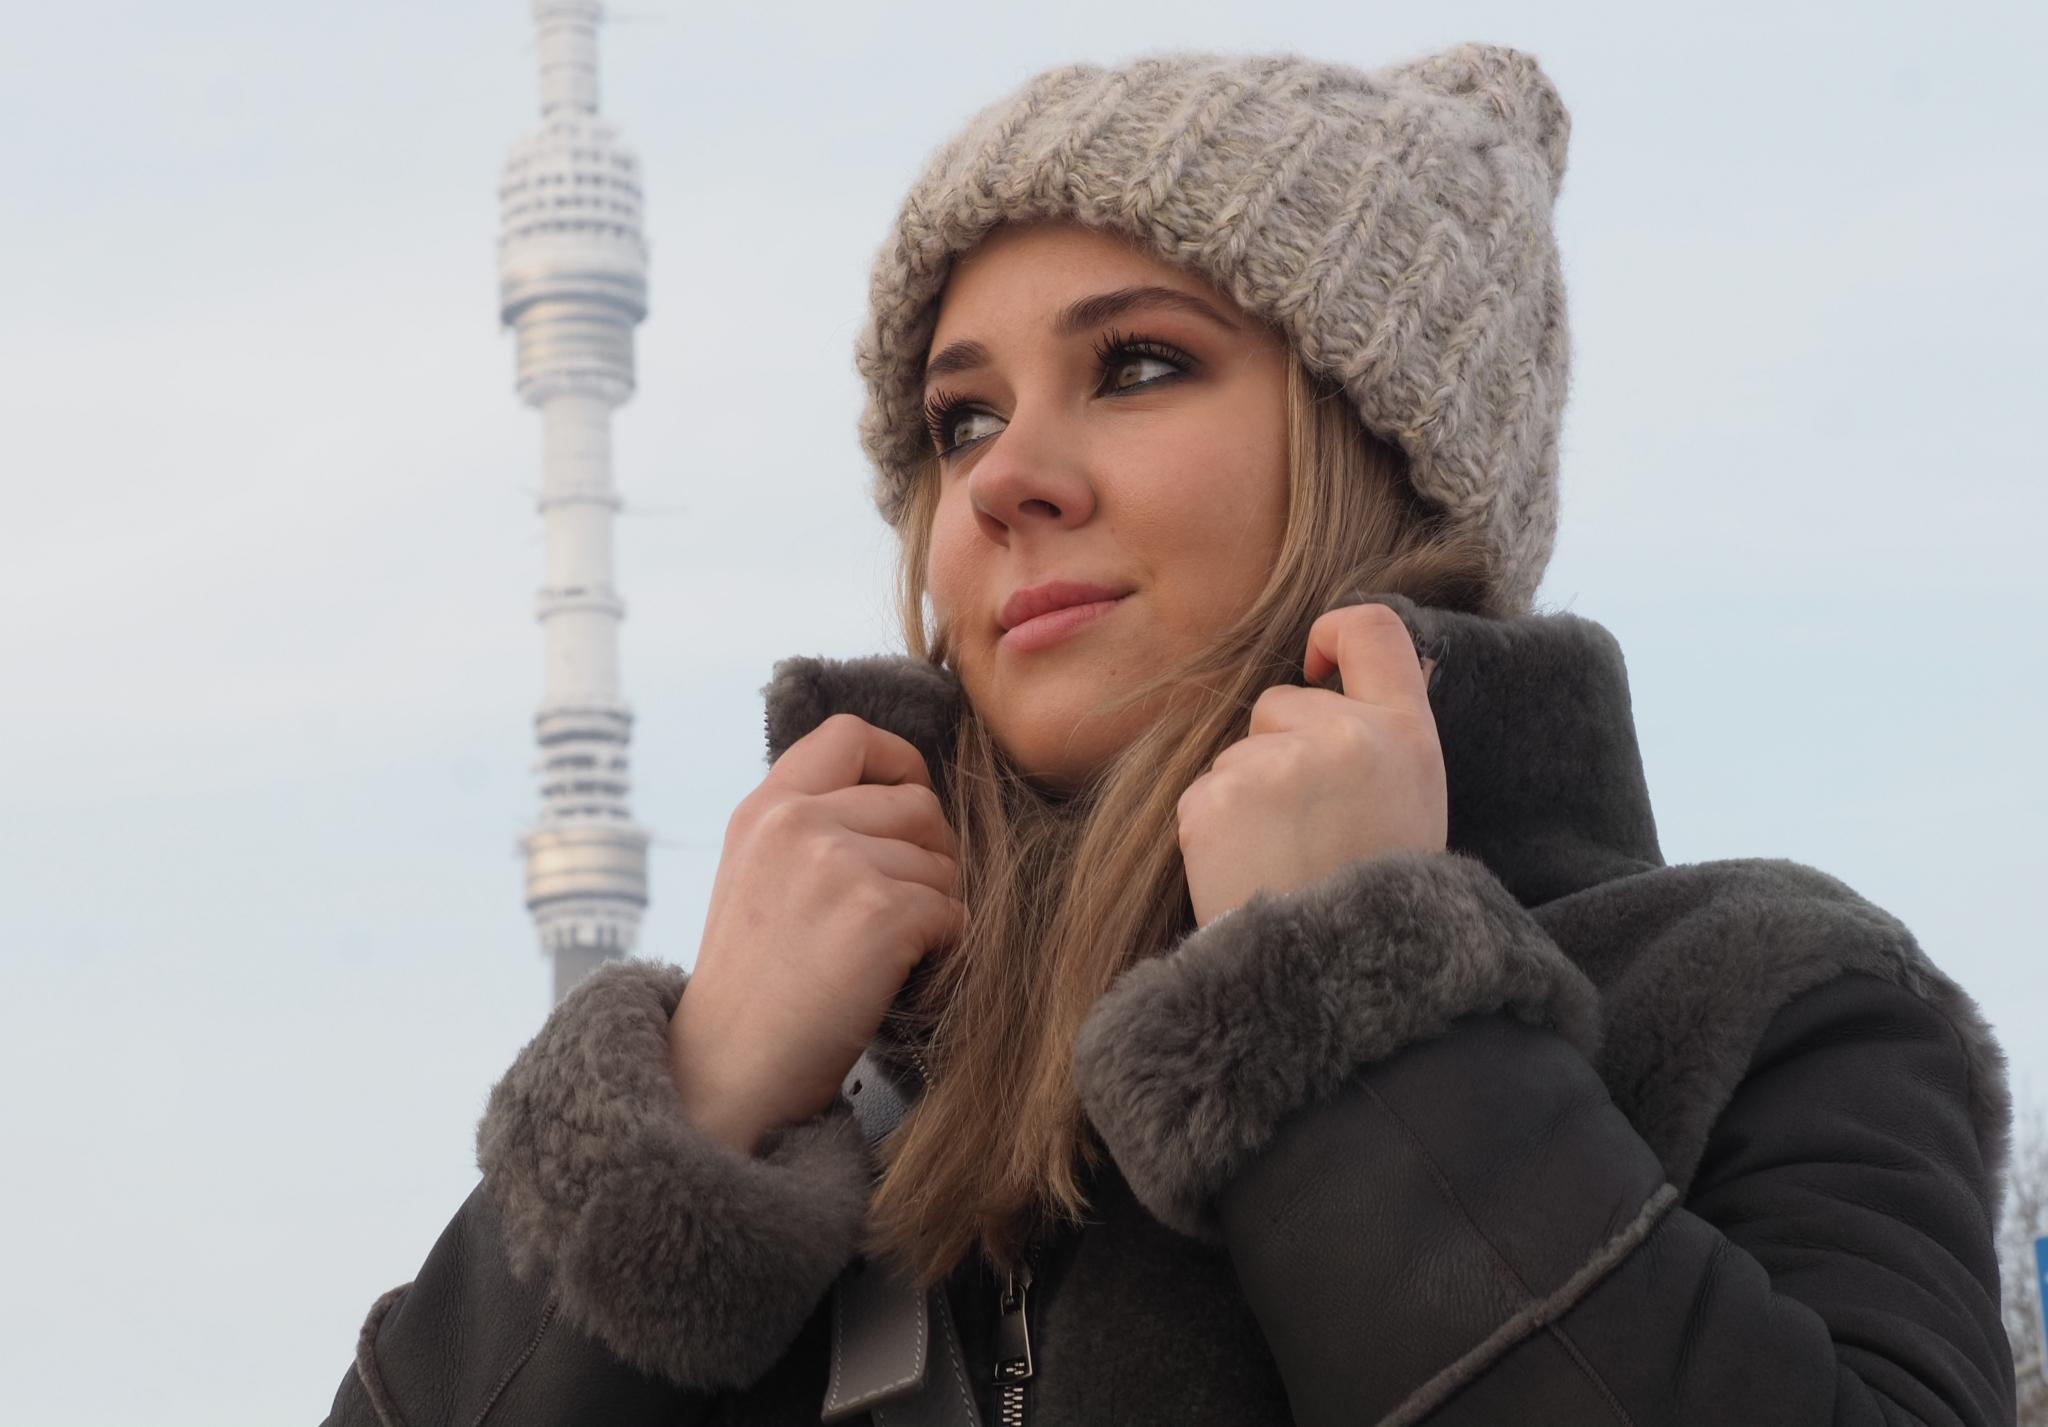 Московская температура достигнет 17 градусов мороза к выходным